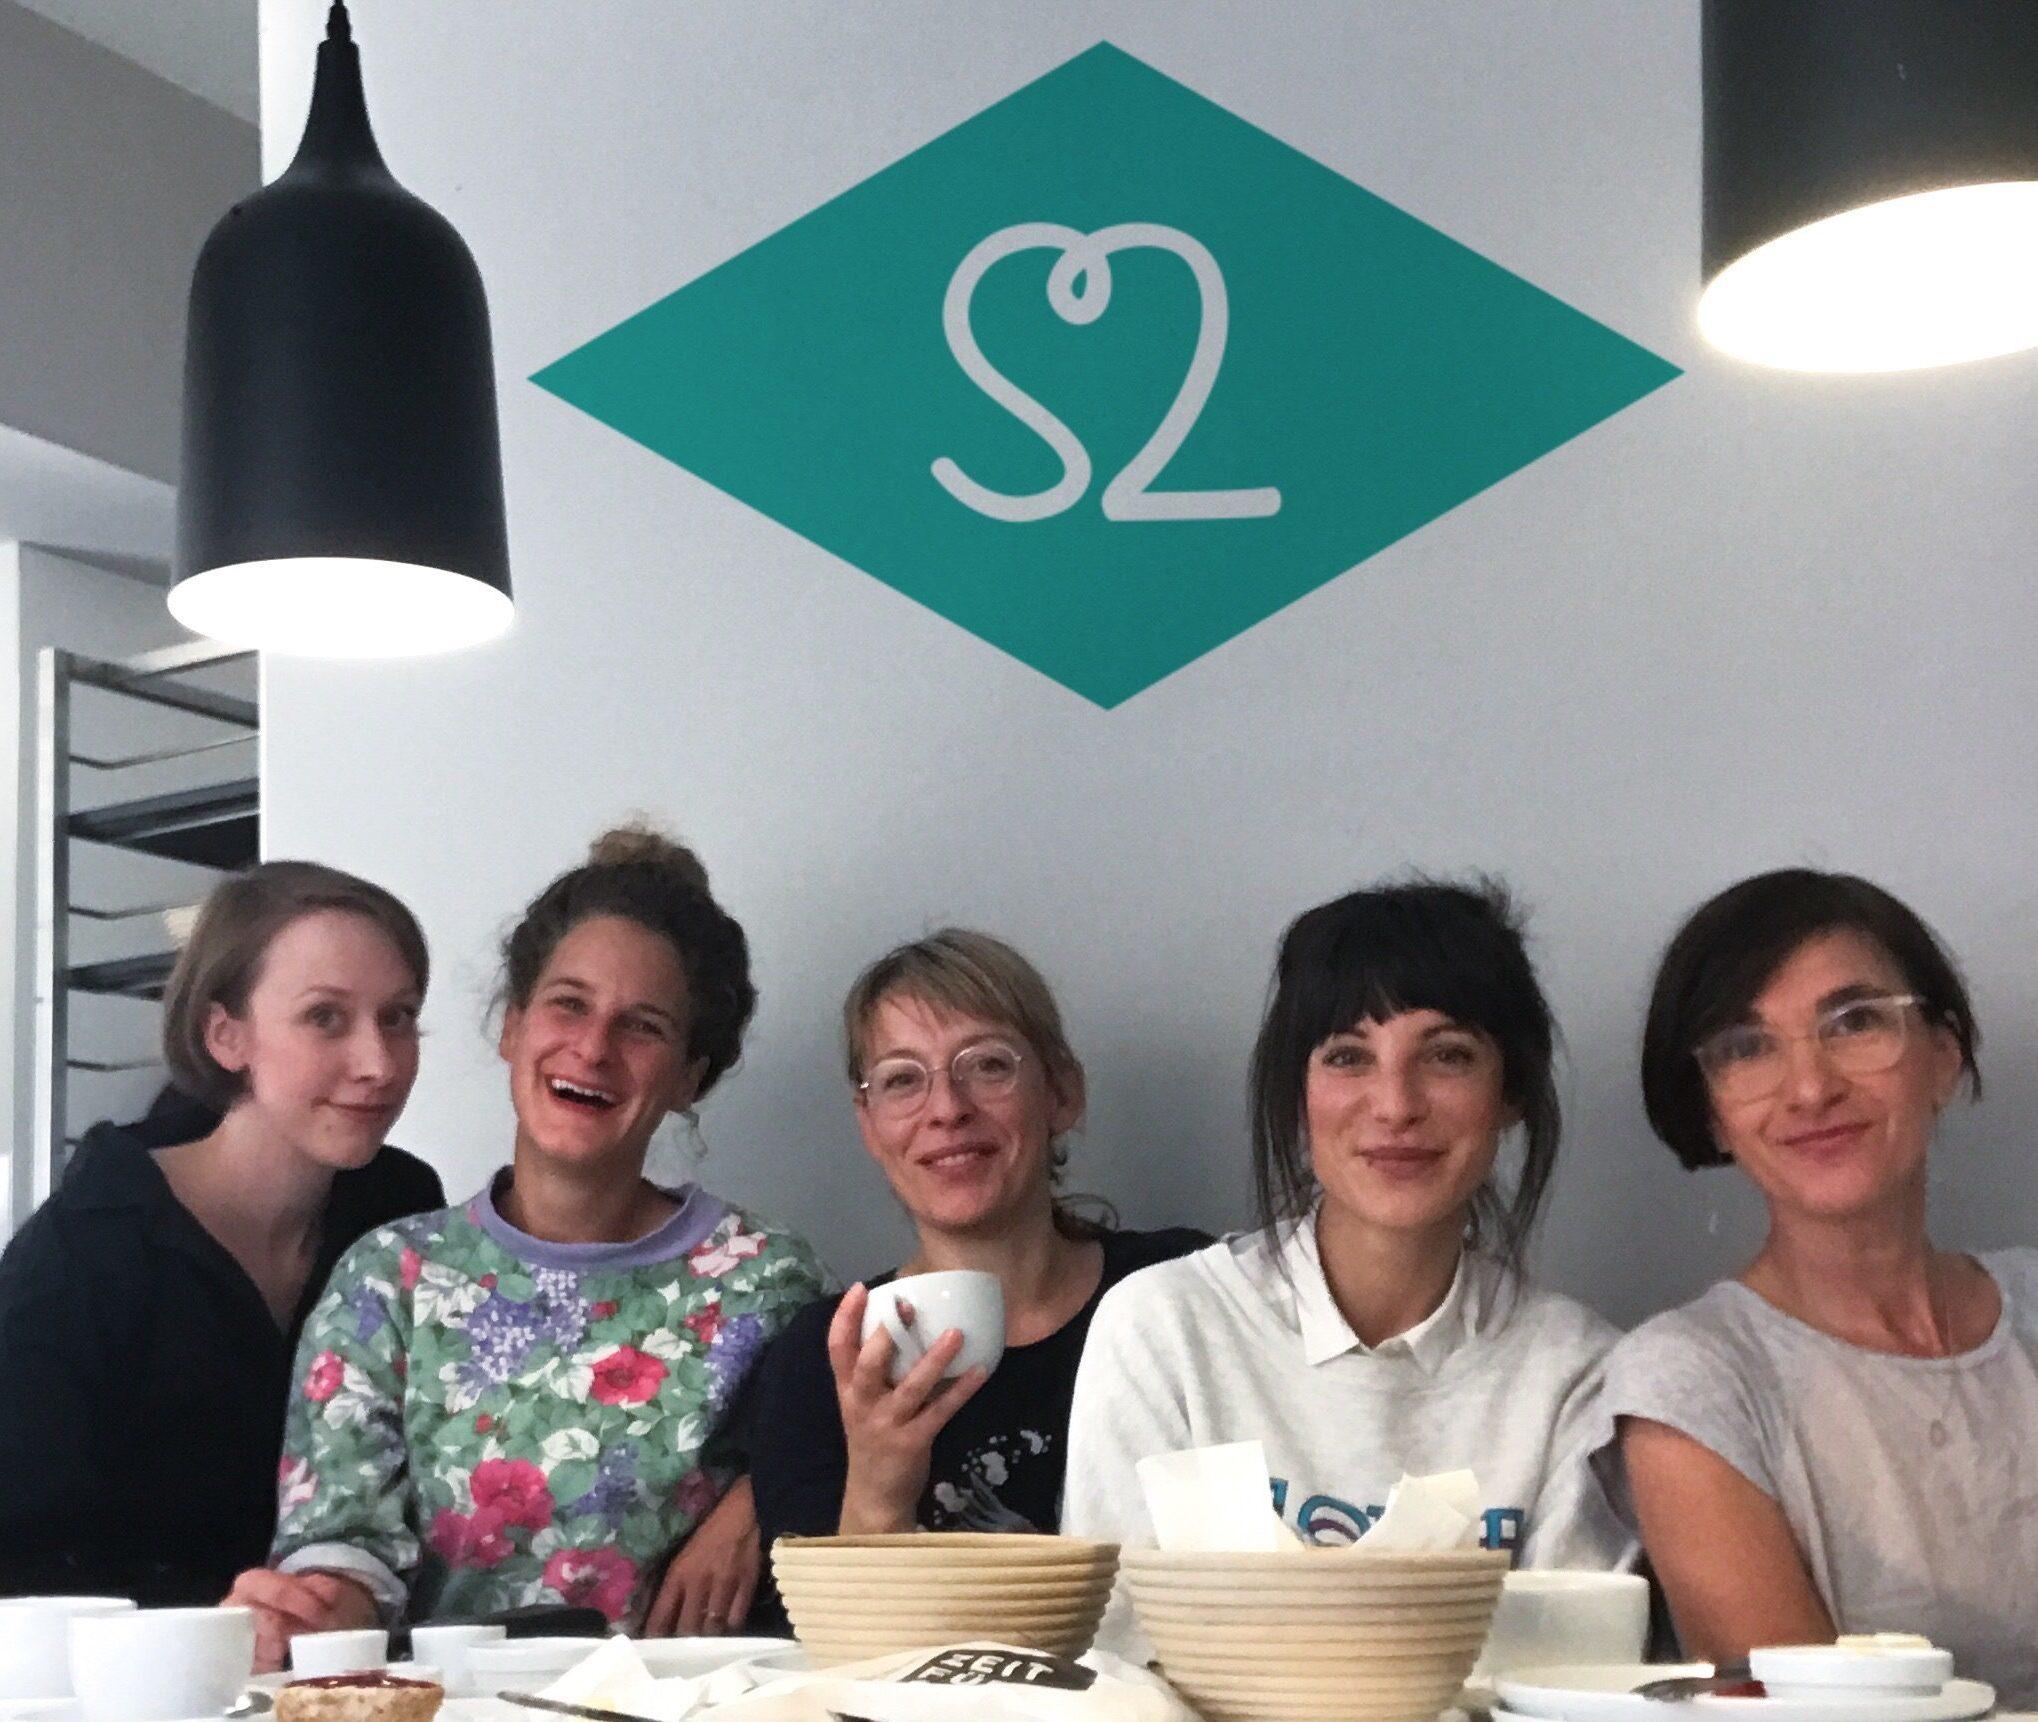 Das Salon Zwei Team